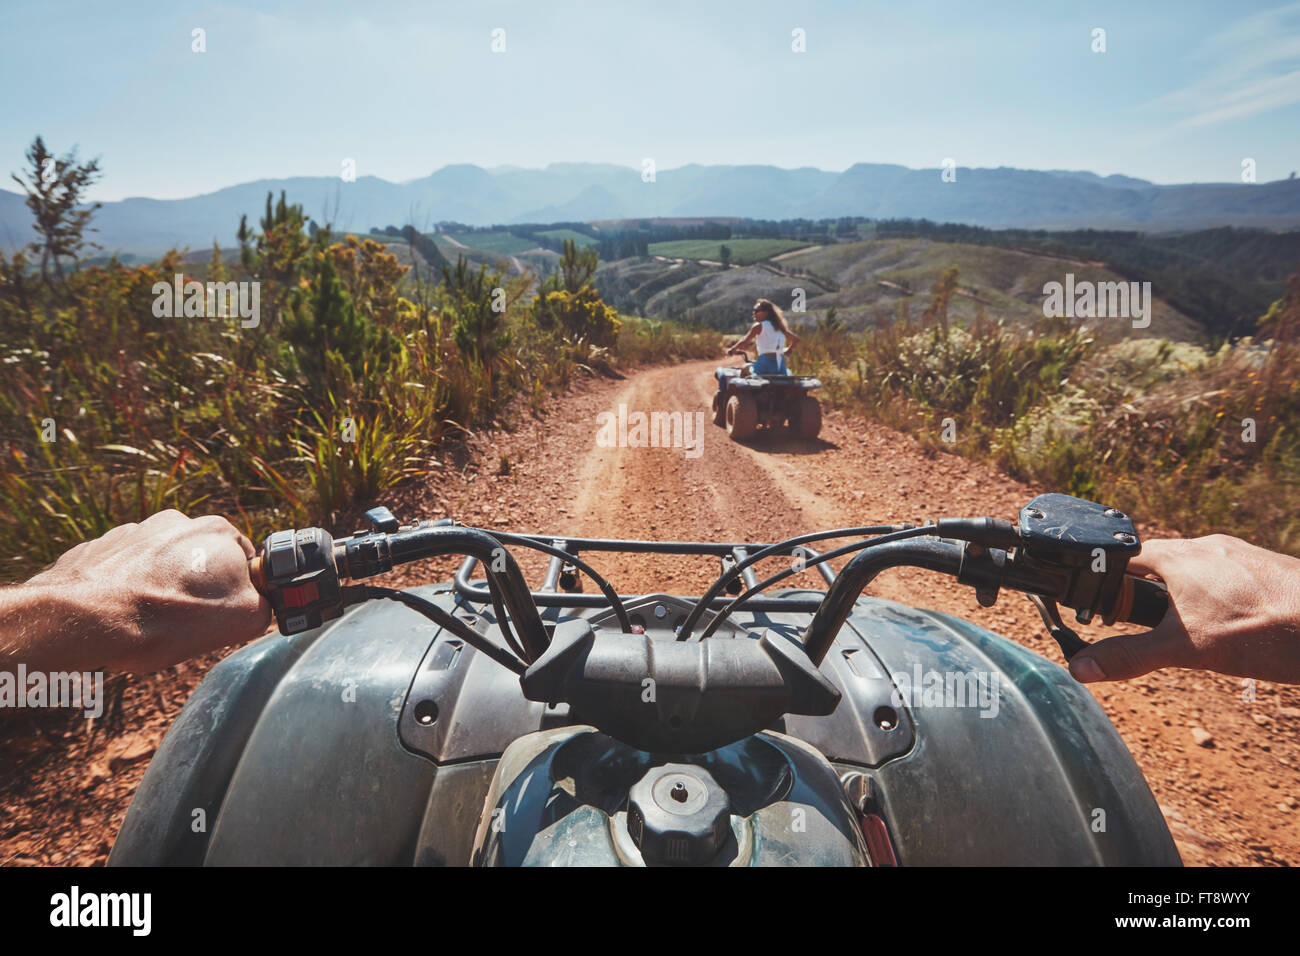 Blick von einem Quad-Bike in der Natur. Frau vor fahren abseits der Straßen auf ein all-Terrain-Fahrzeug. POV Bild Stockfoto